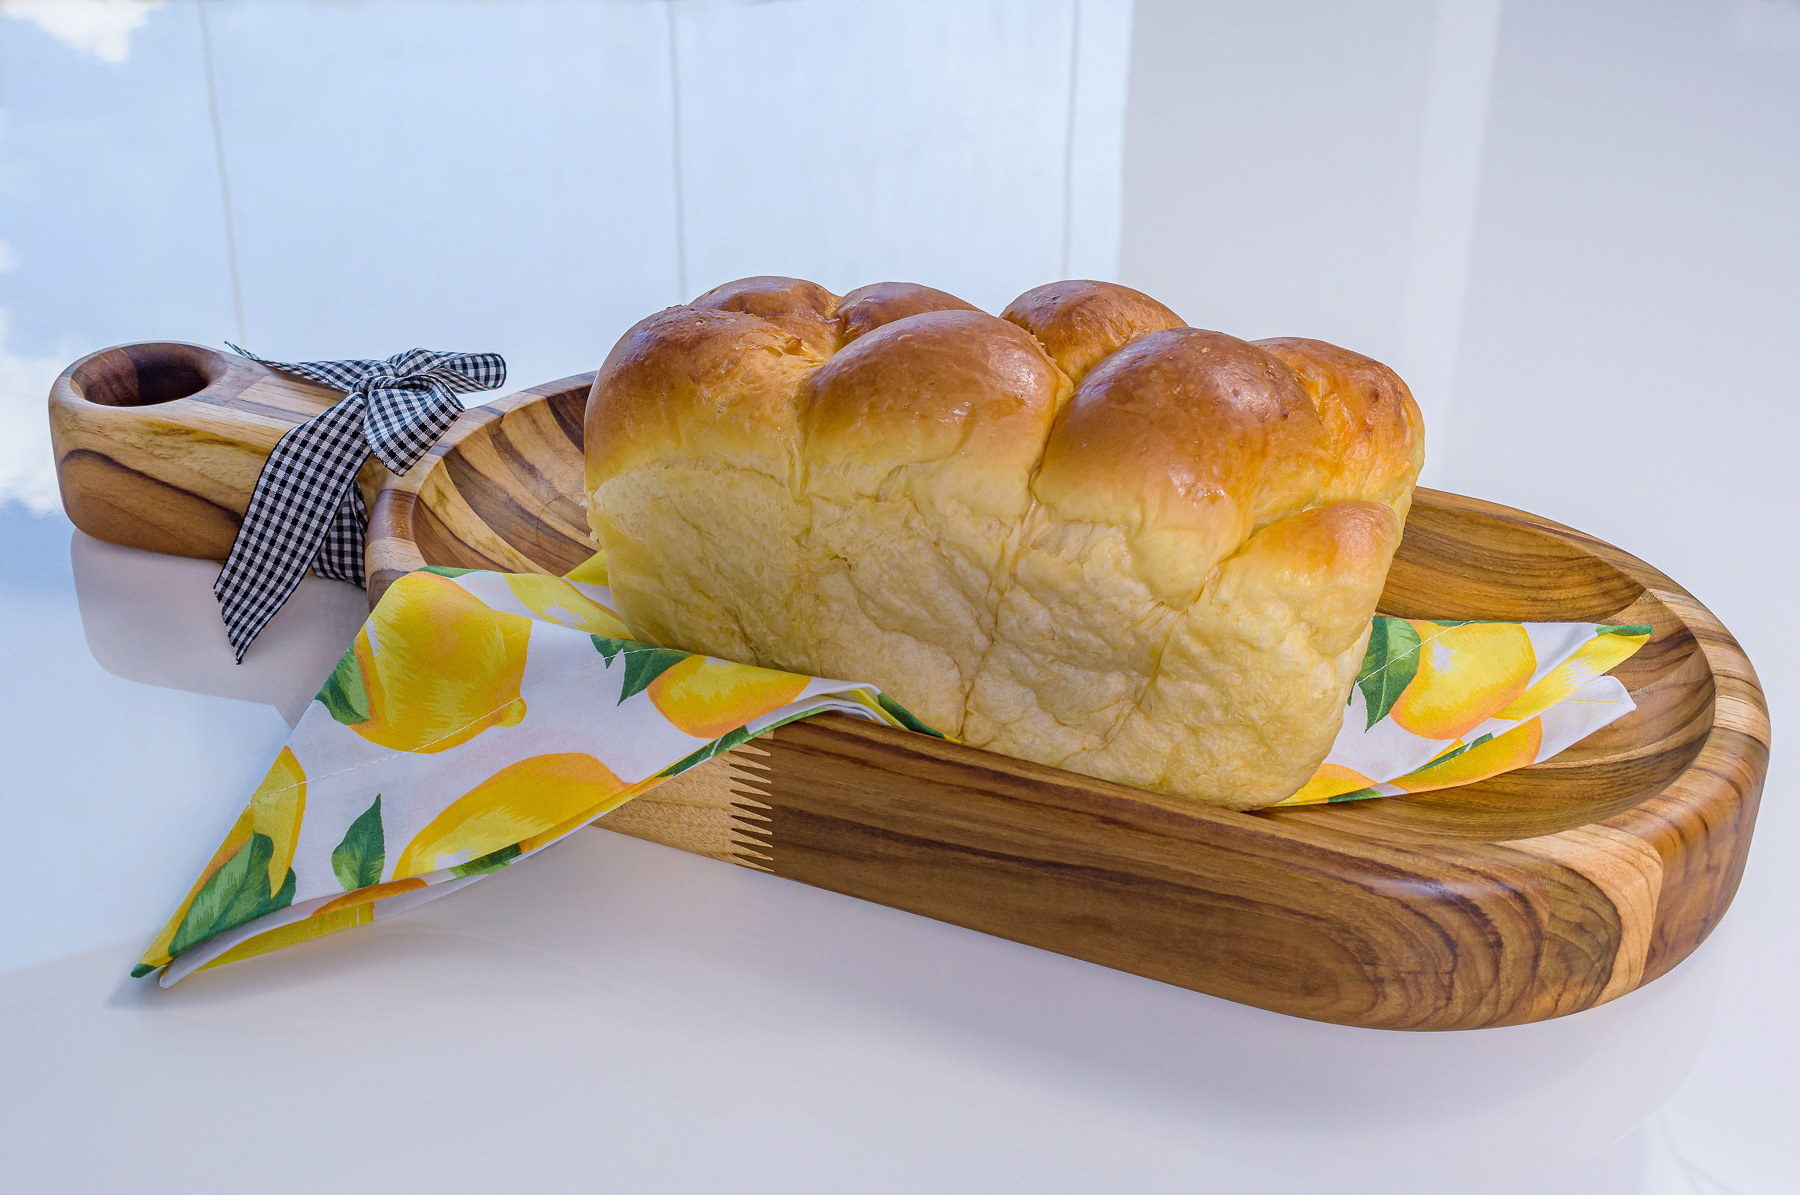 Gamela em Madeira Teca com pão